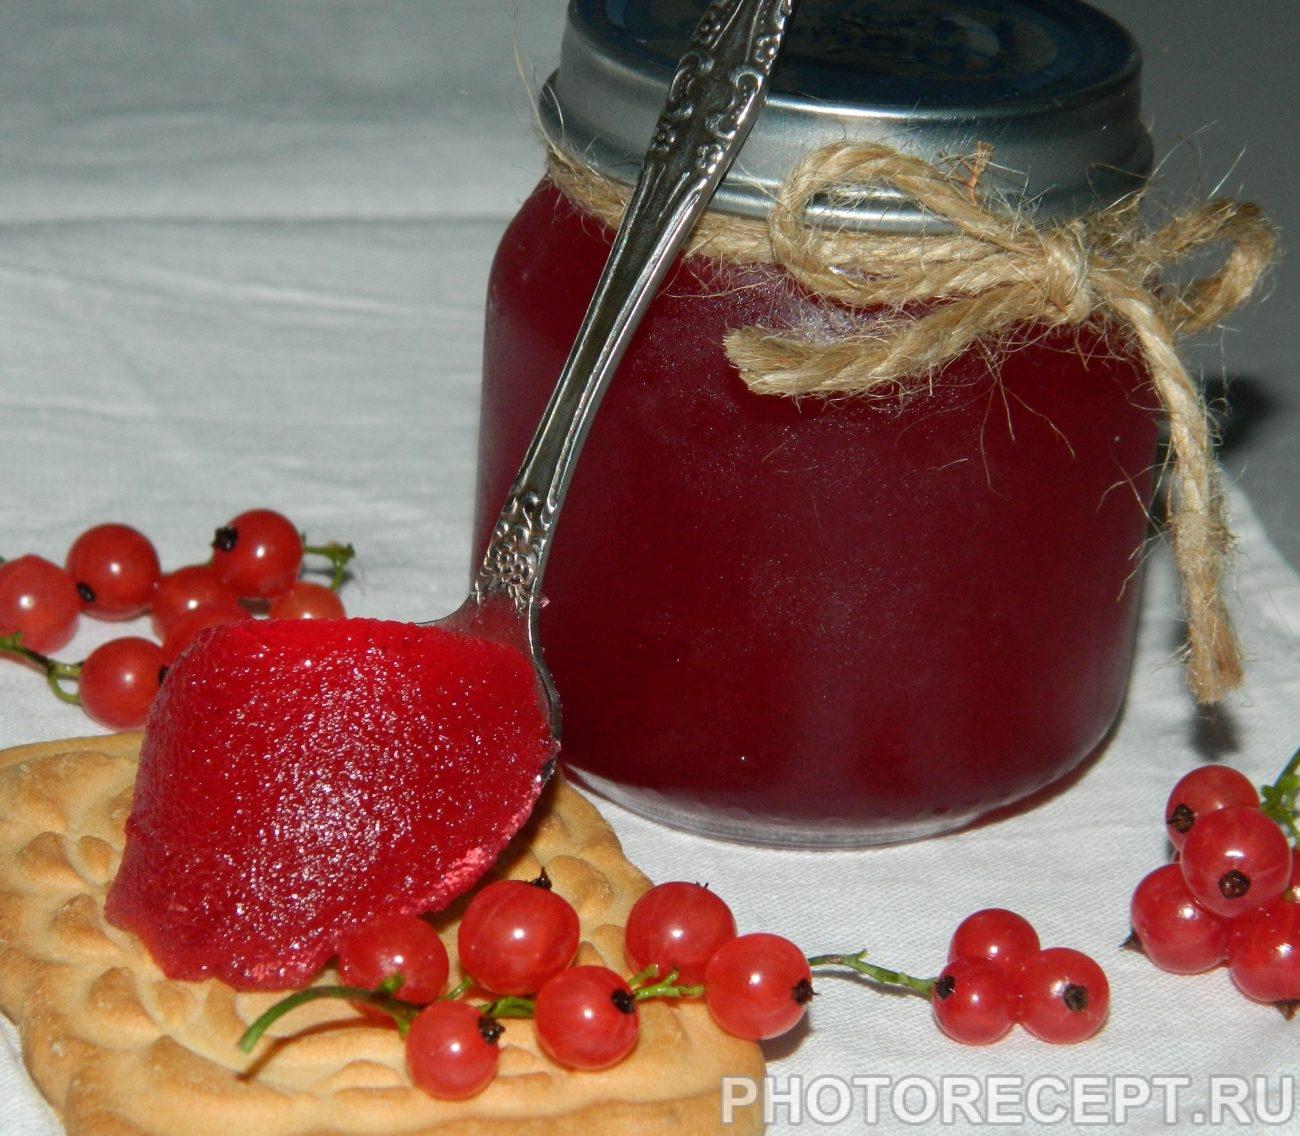 Варенье-желе из красной смородины: быстрые рецепты желейного варенья, как варить на зиму